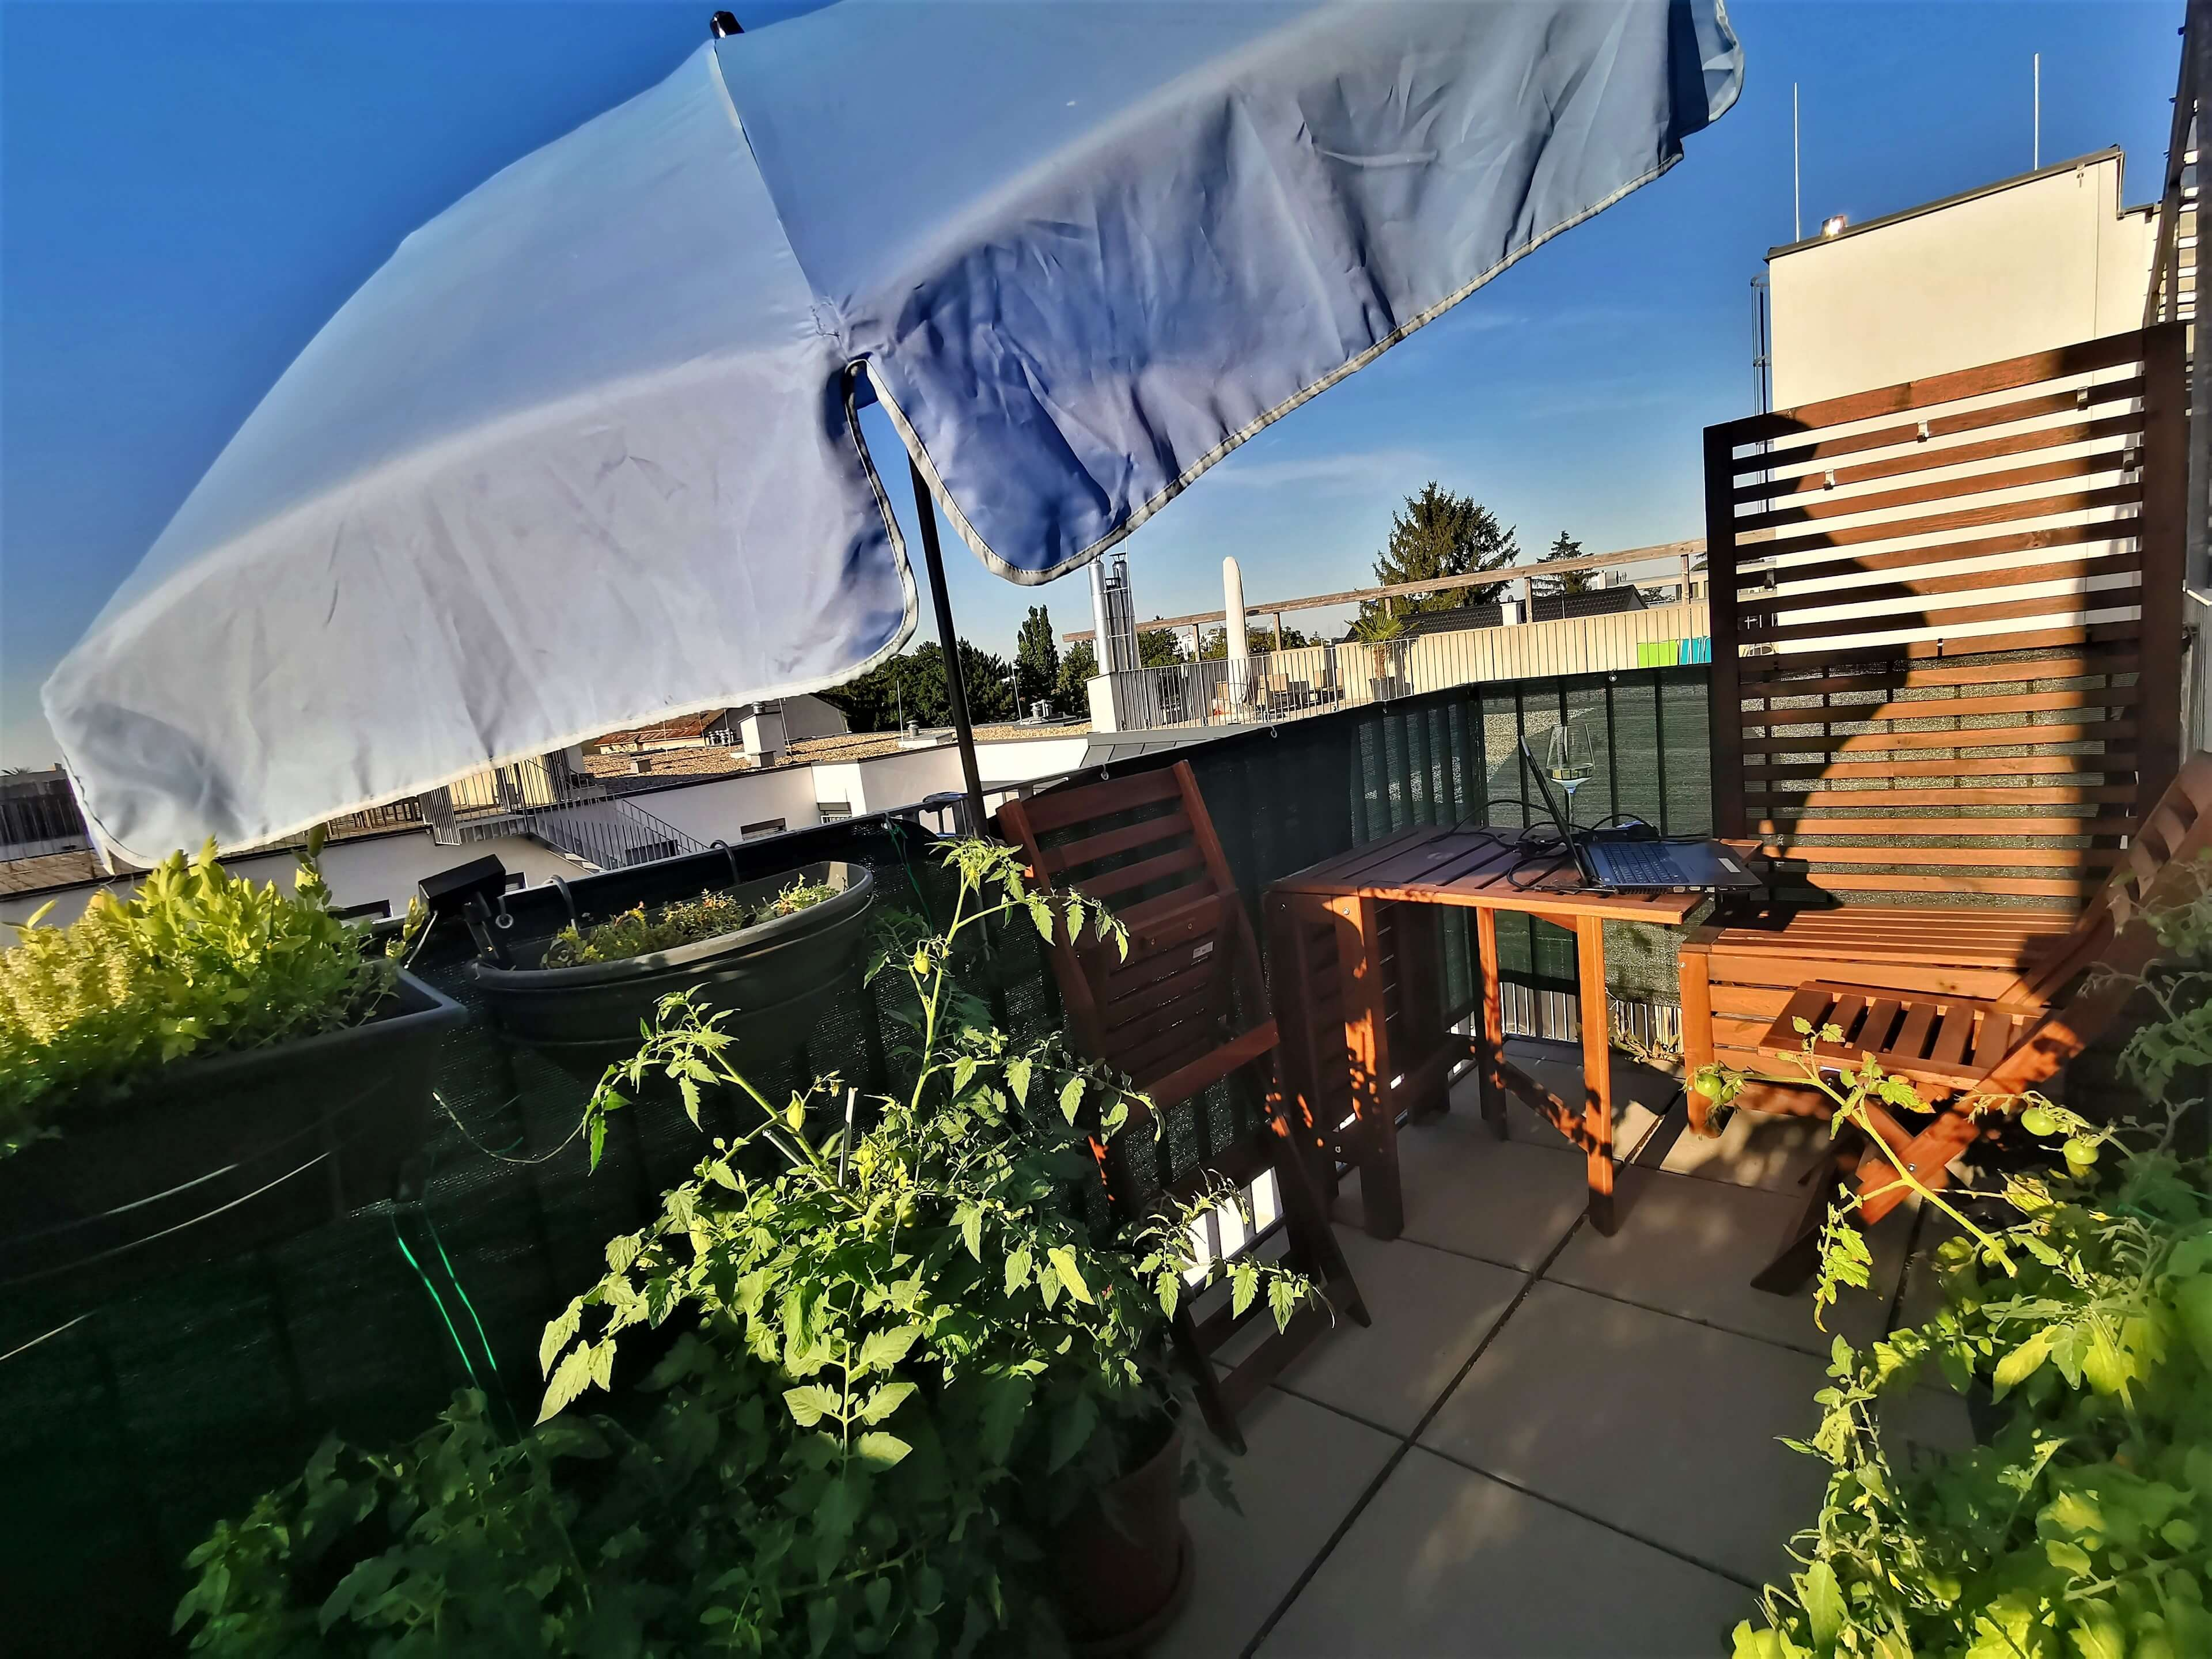 IMG 20190629 190615 01 resized 20190630 062230797 - Mit diesen Ideen wird euer Balkon zu einem Hingucker